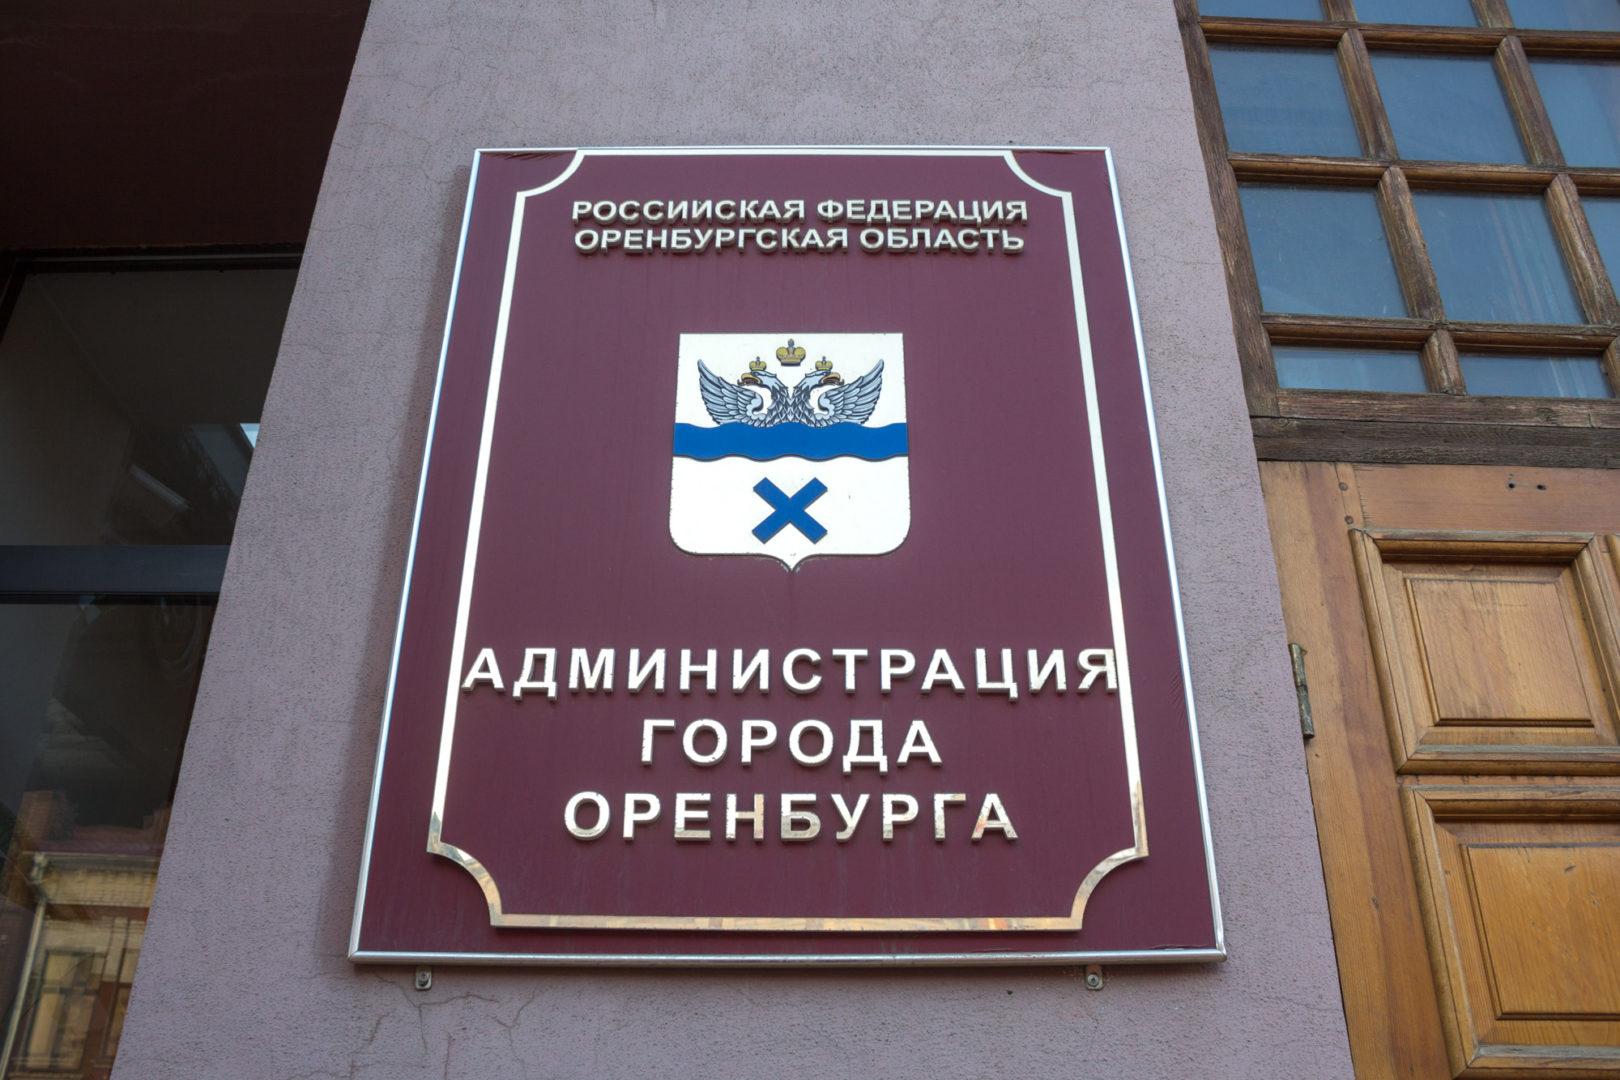 В Оренбурге завершилось формирование Общественной палаты